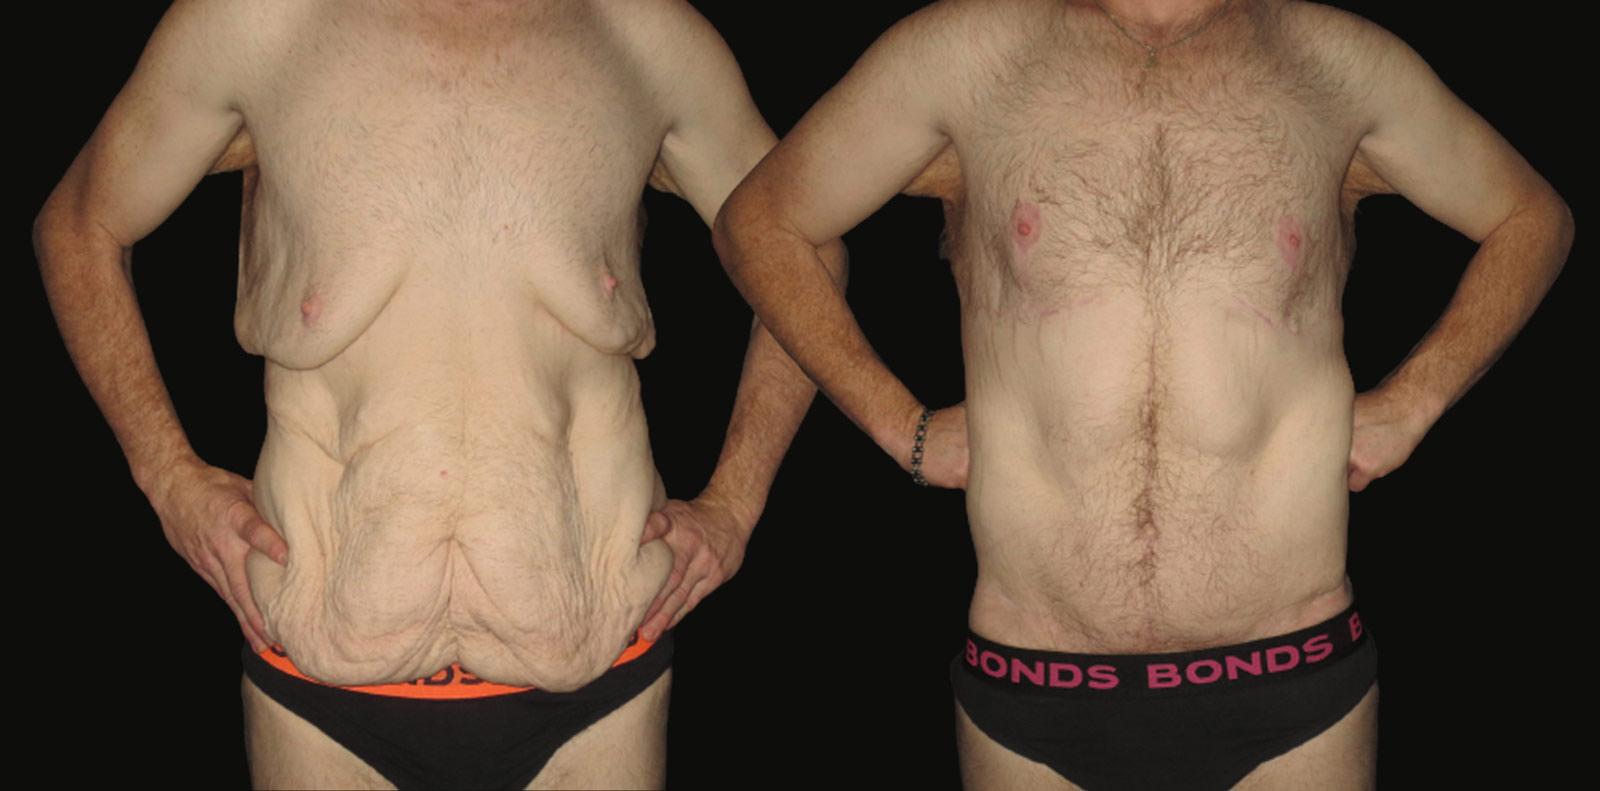 tummy tuck liposuction surgeon